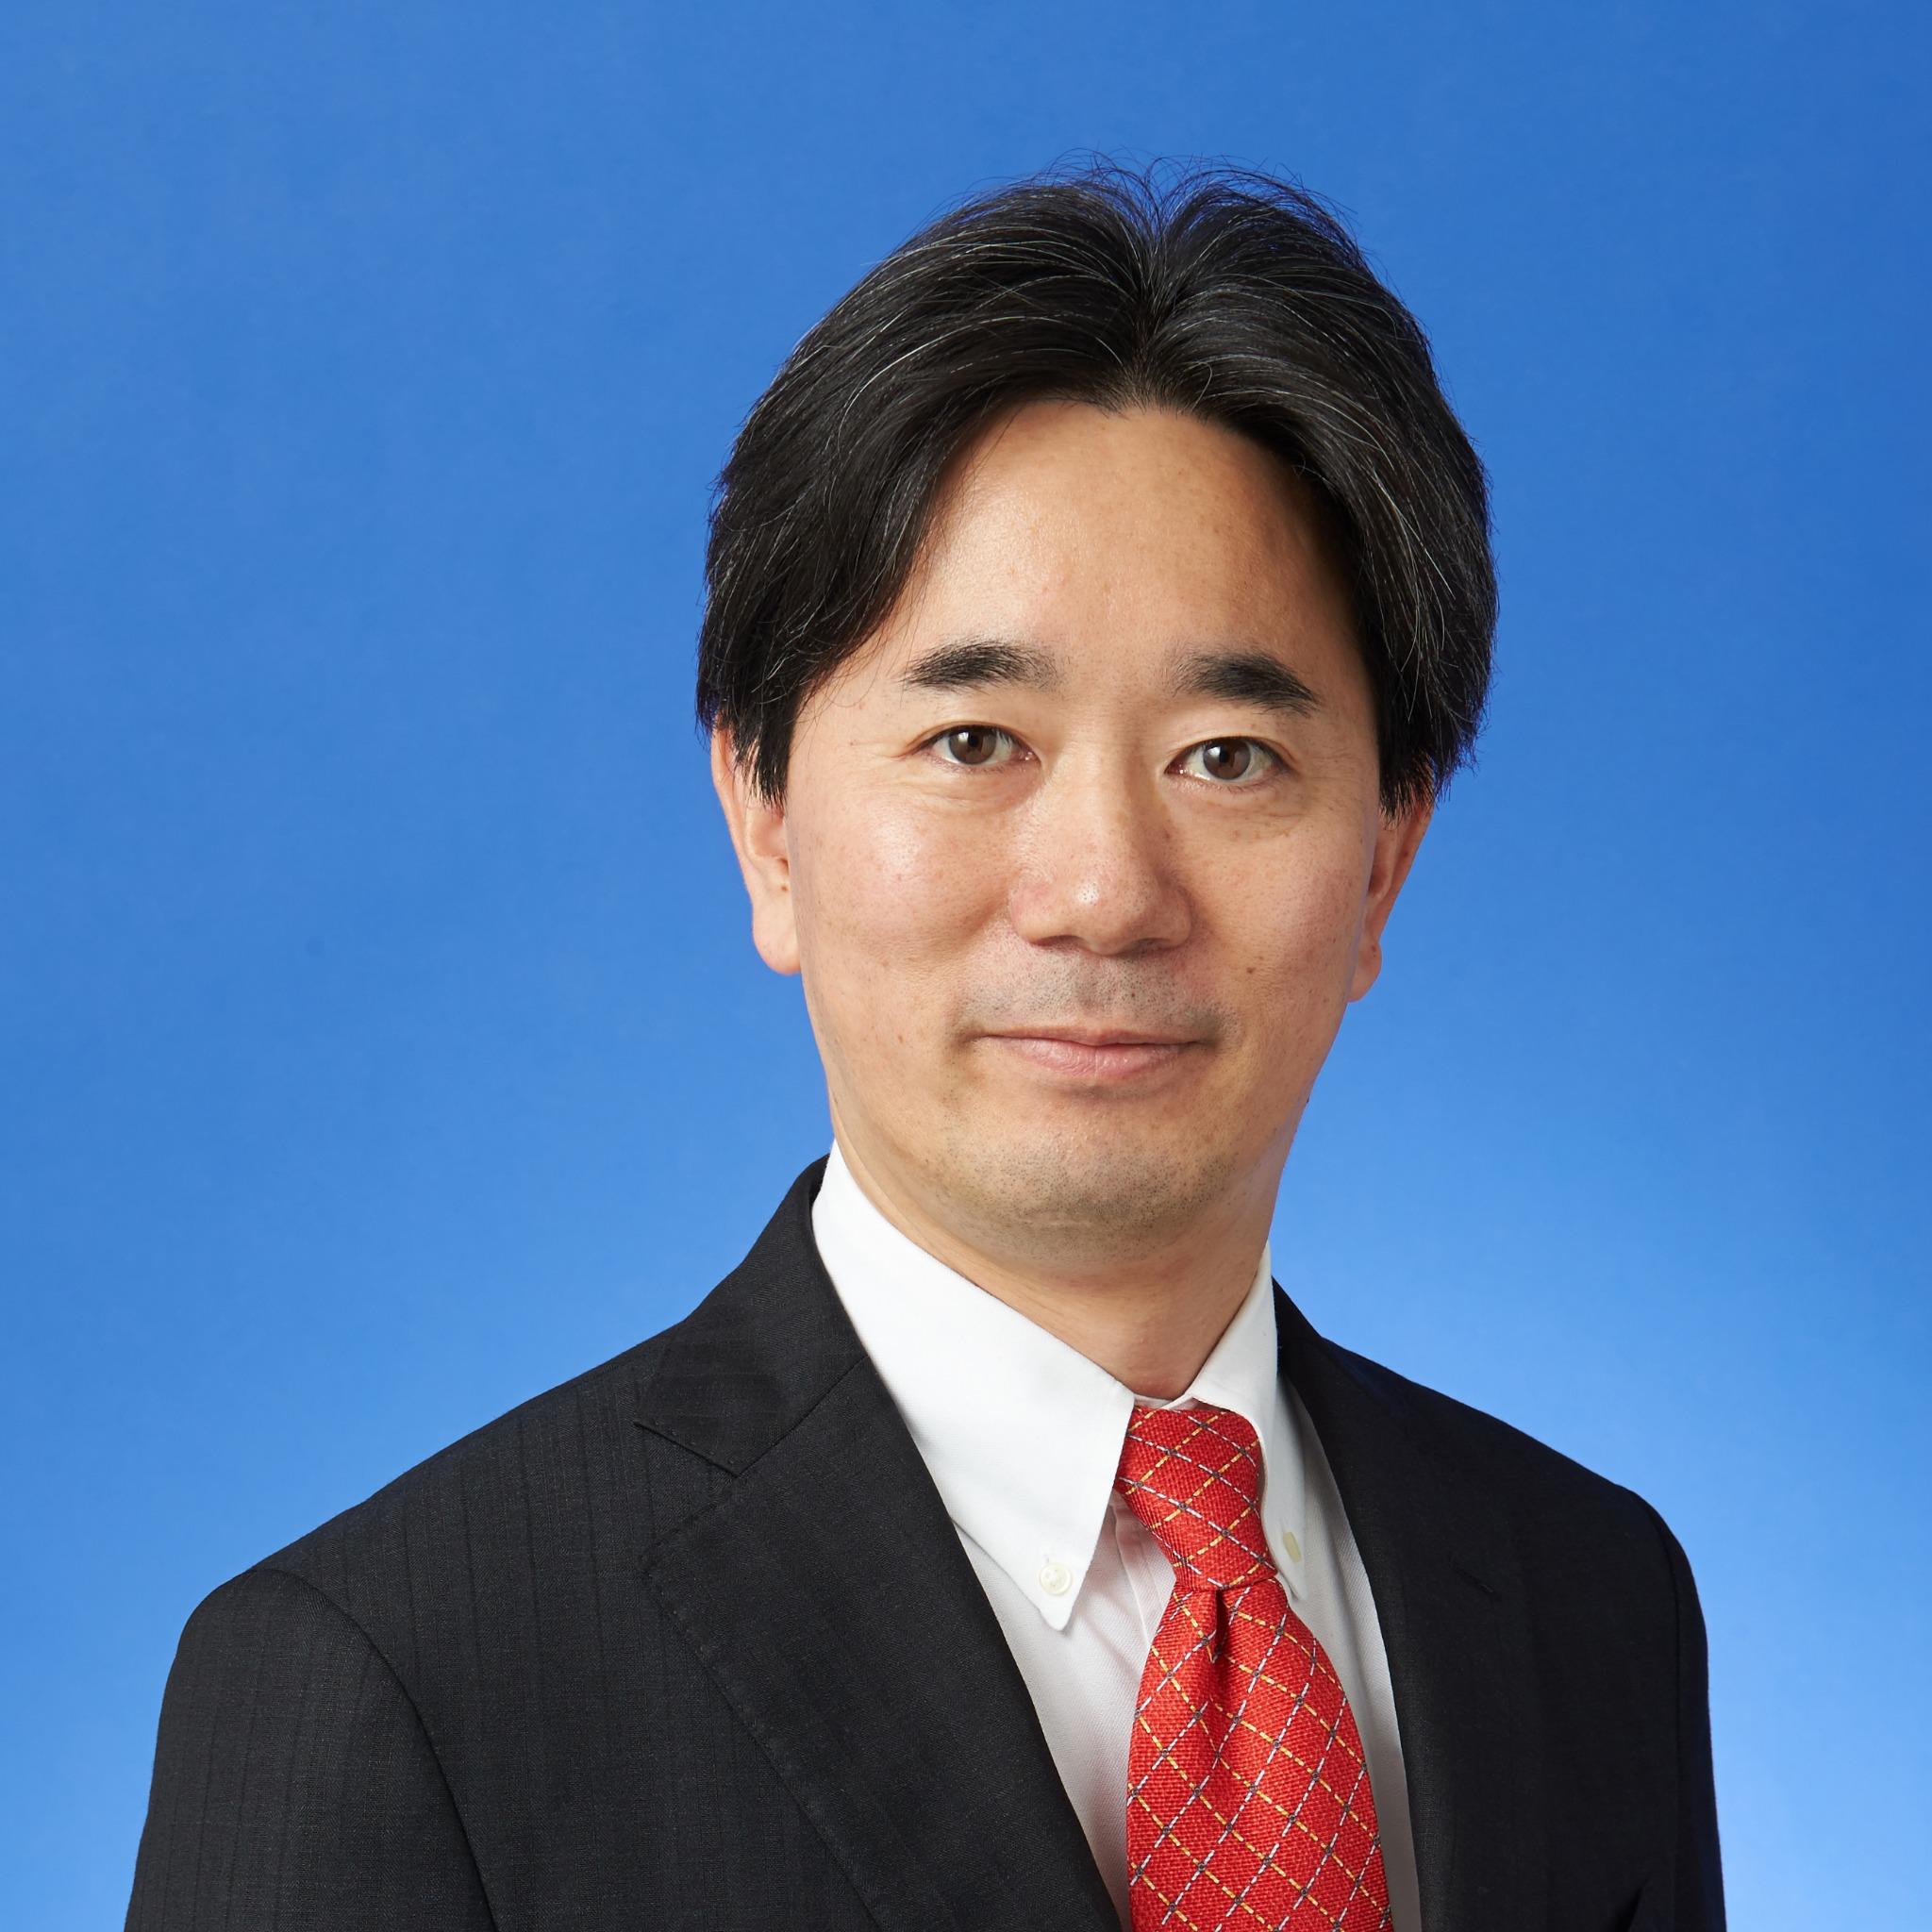 髙島修先生